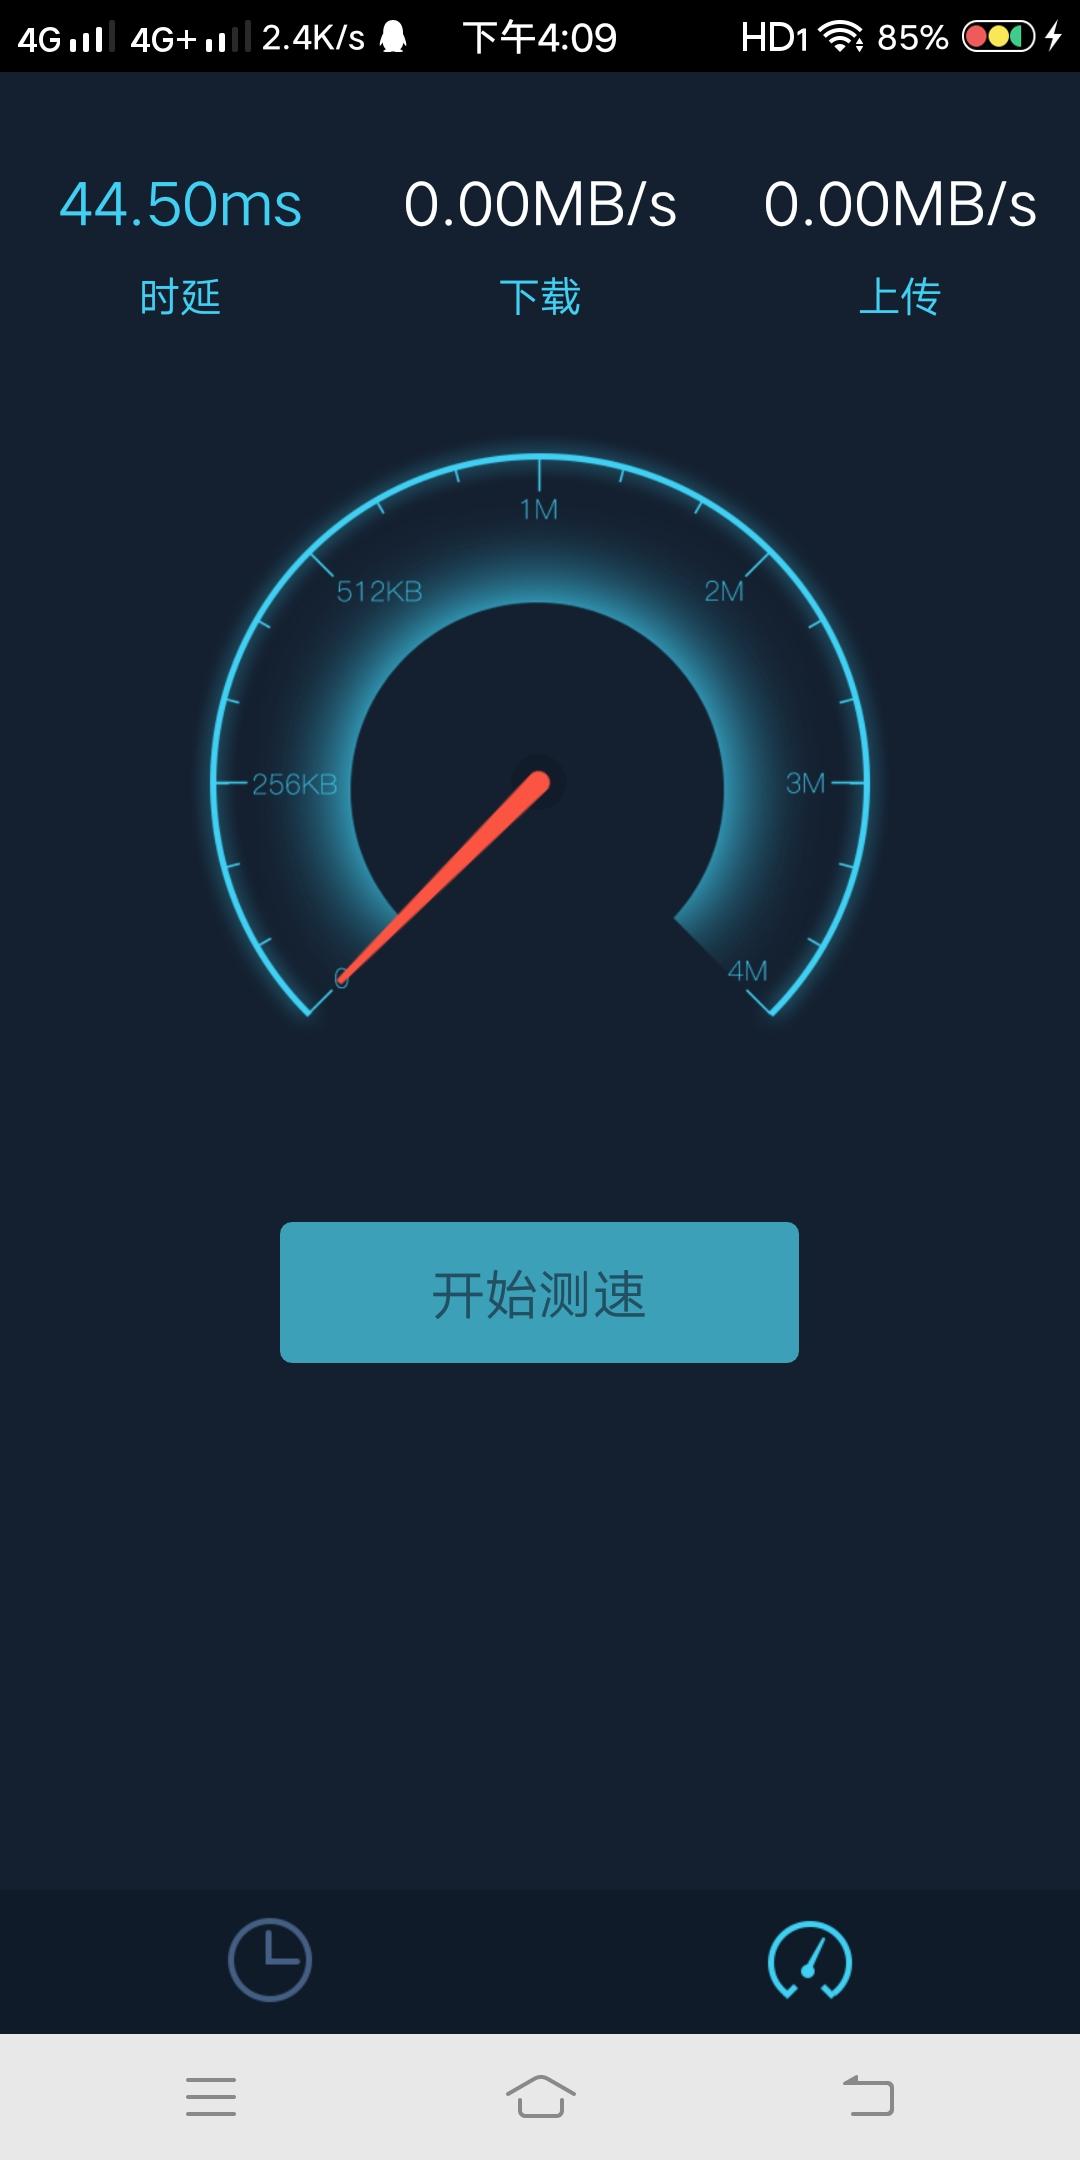 【分享】测网速大师-爱小助